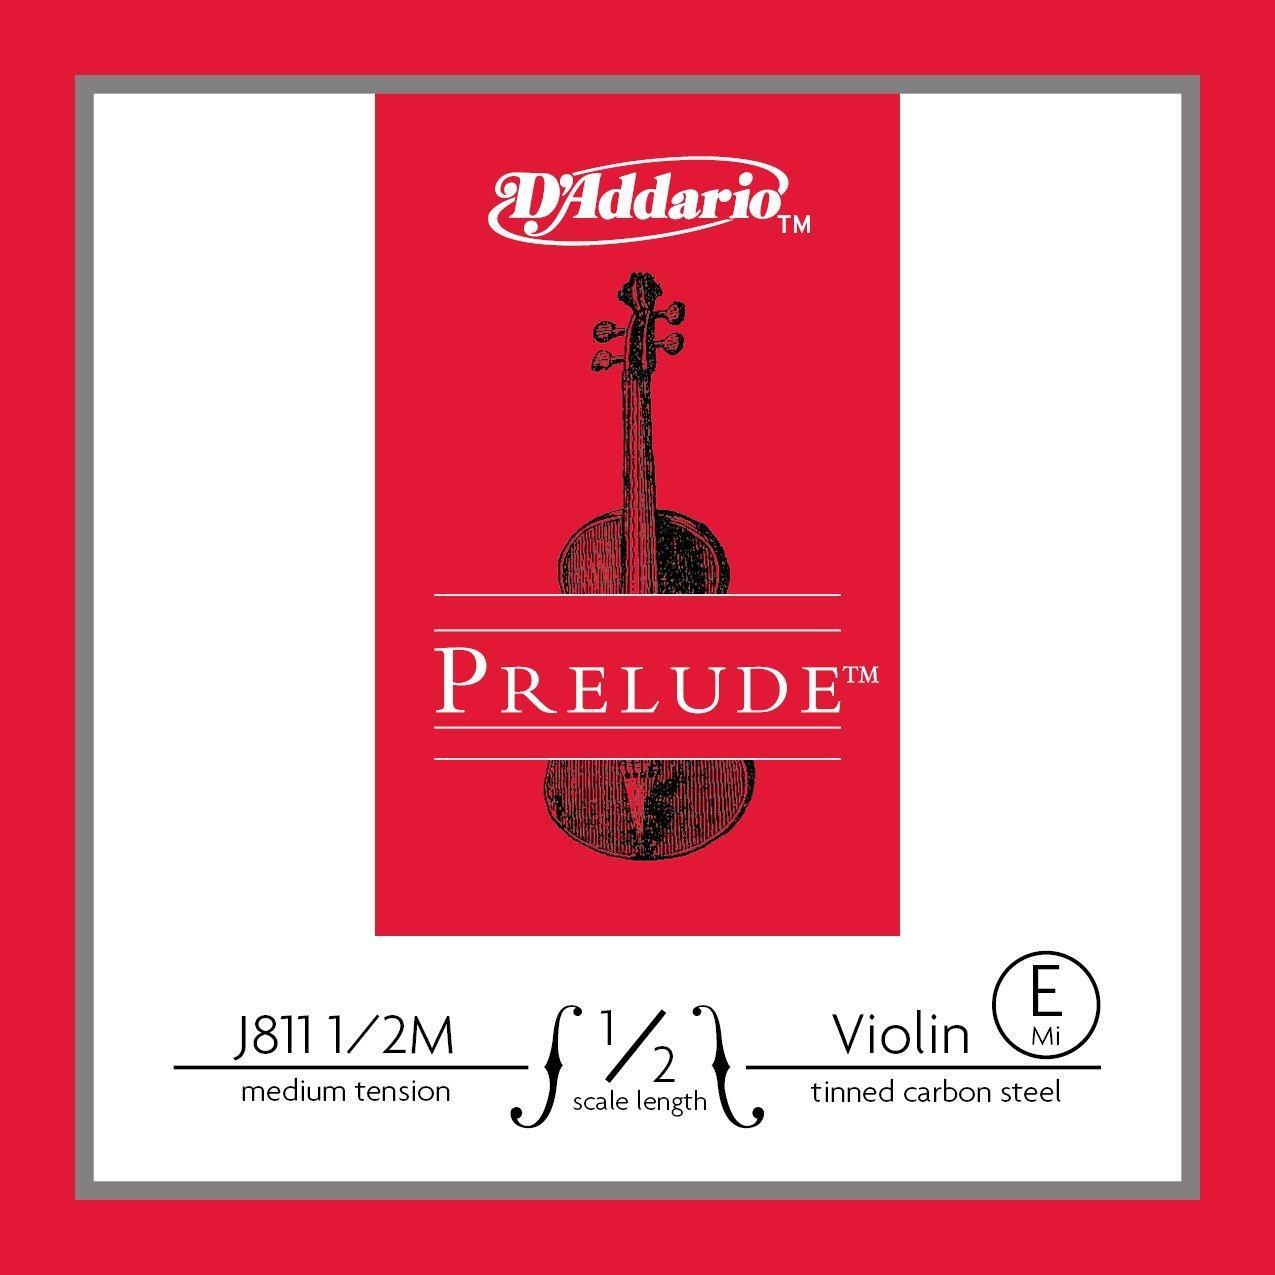 Prelude violin e string 1/2